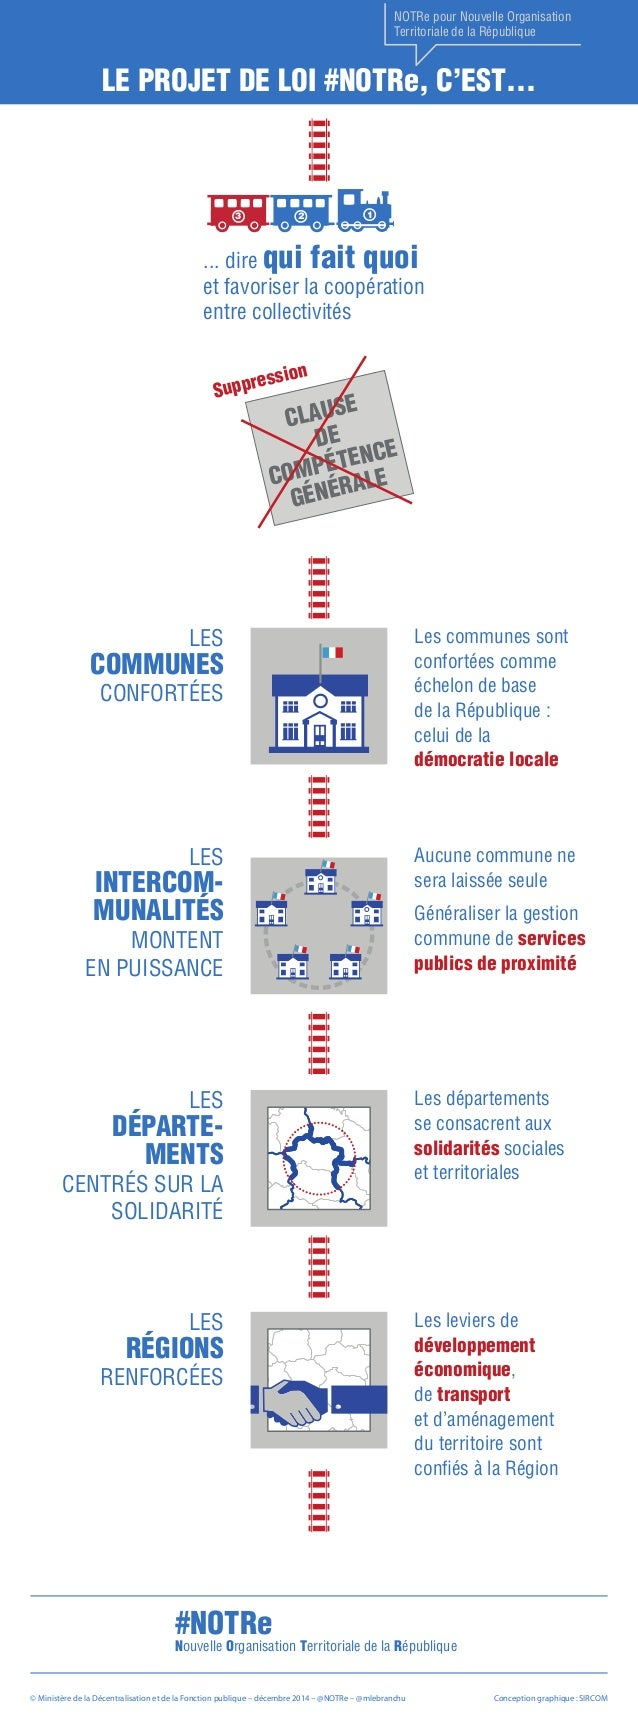 NOTRe pour Nouvelle Organisation  Territoriale de la République  Le Projet de loi #NOTRe, c'est…  3 2 1  ... dire qui fait...